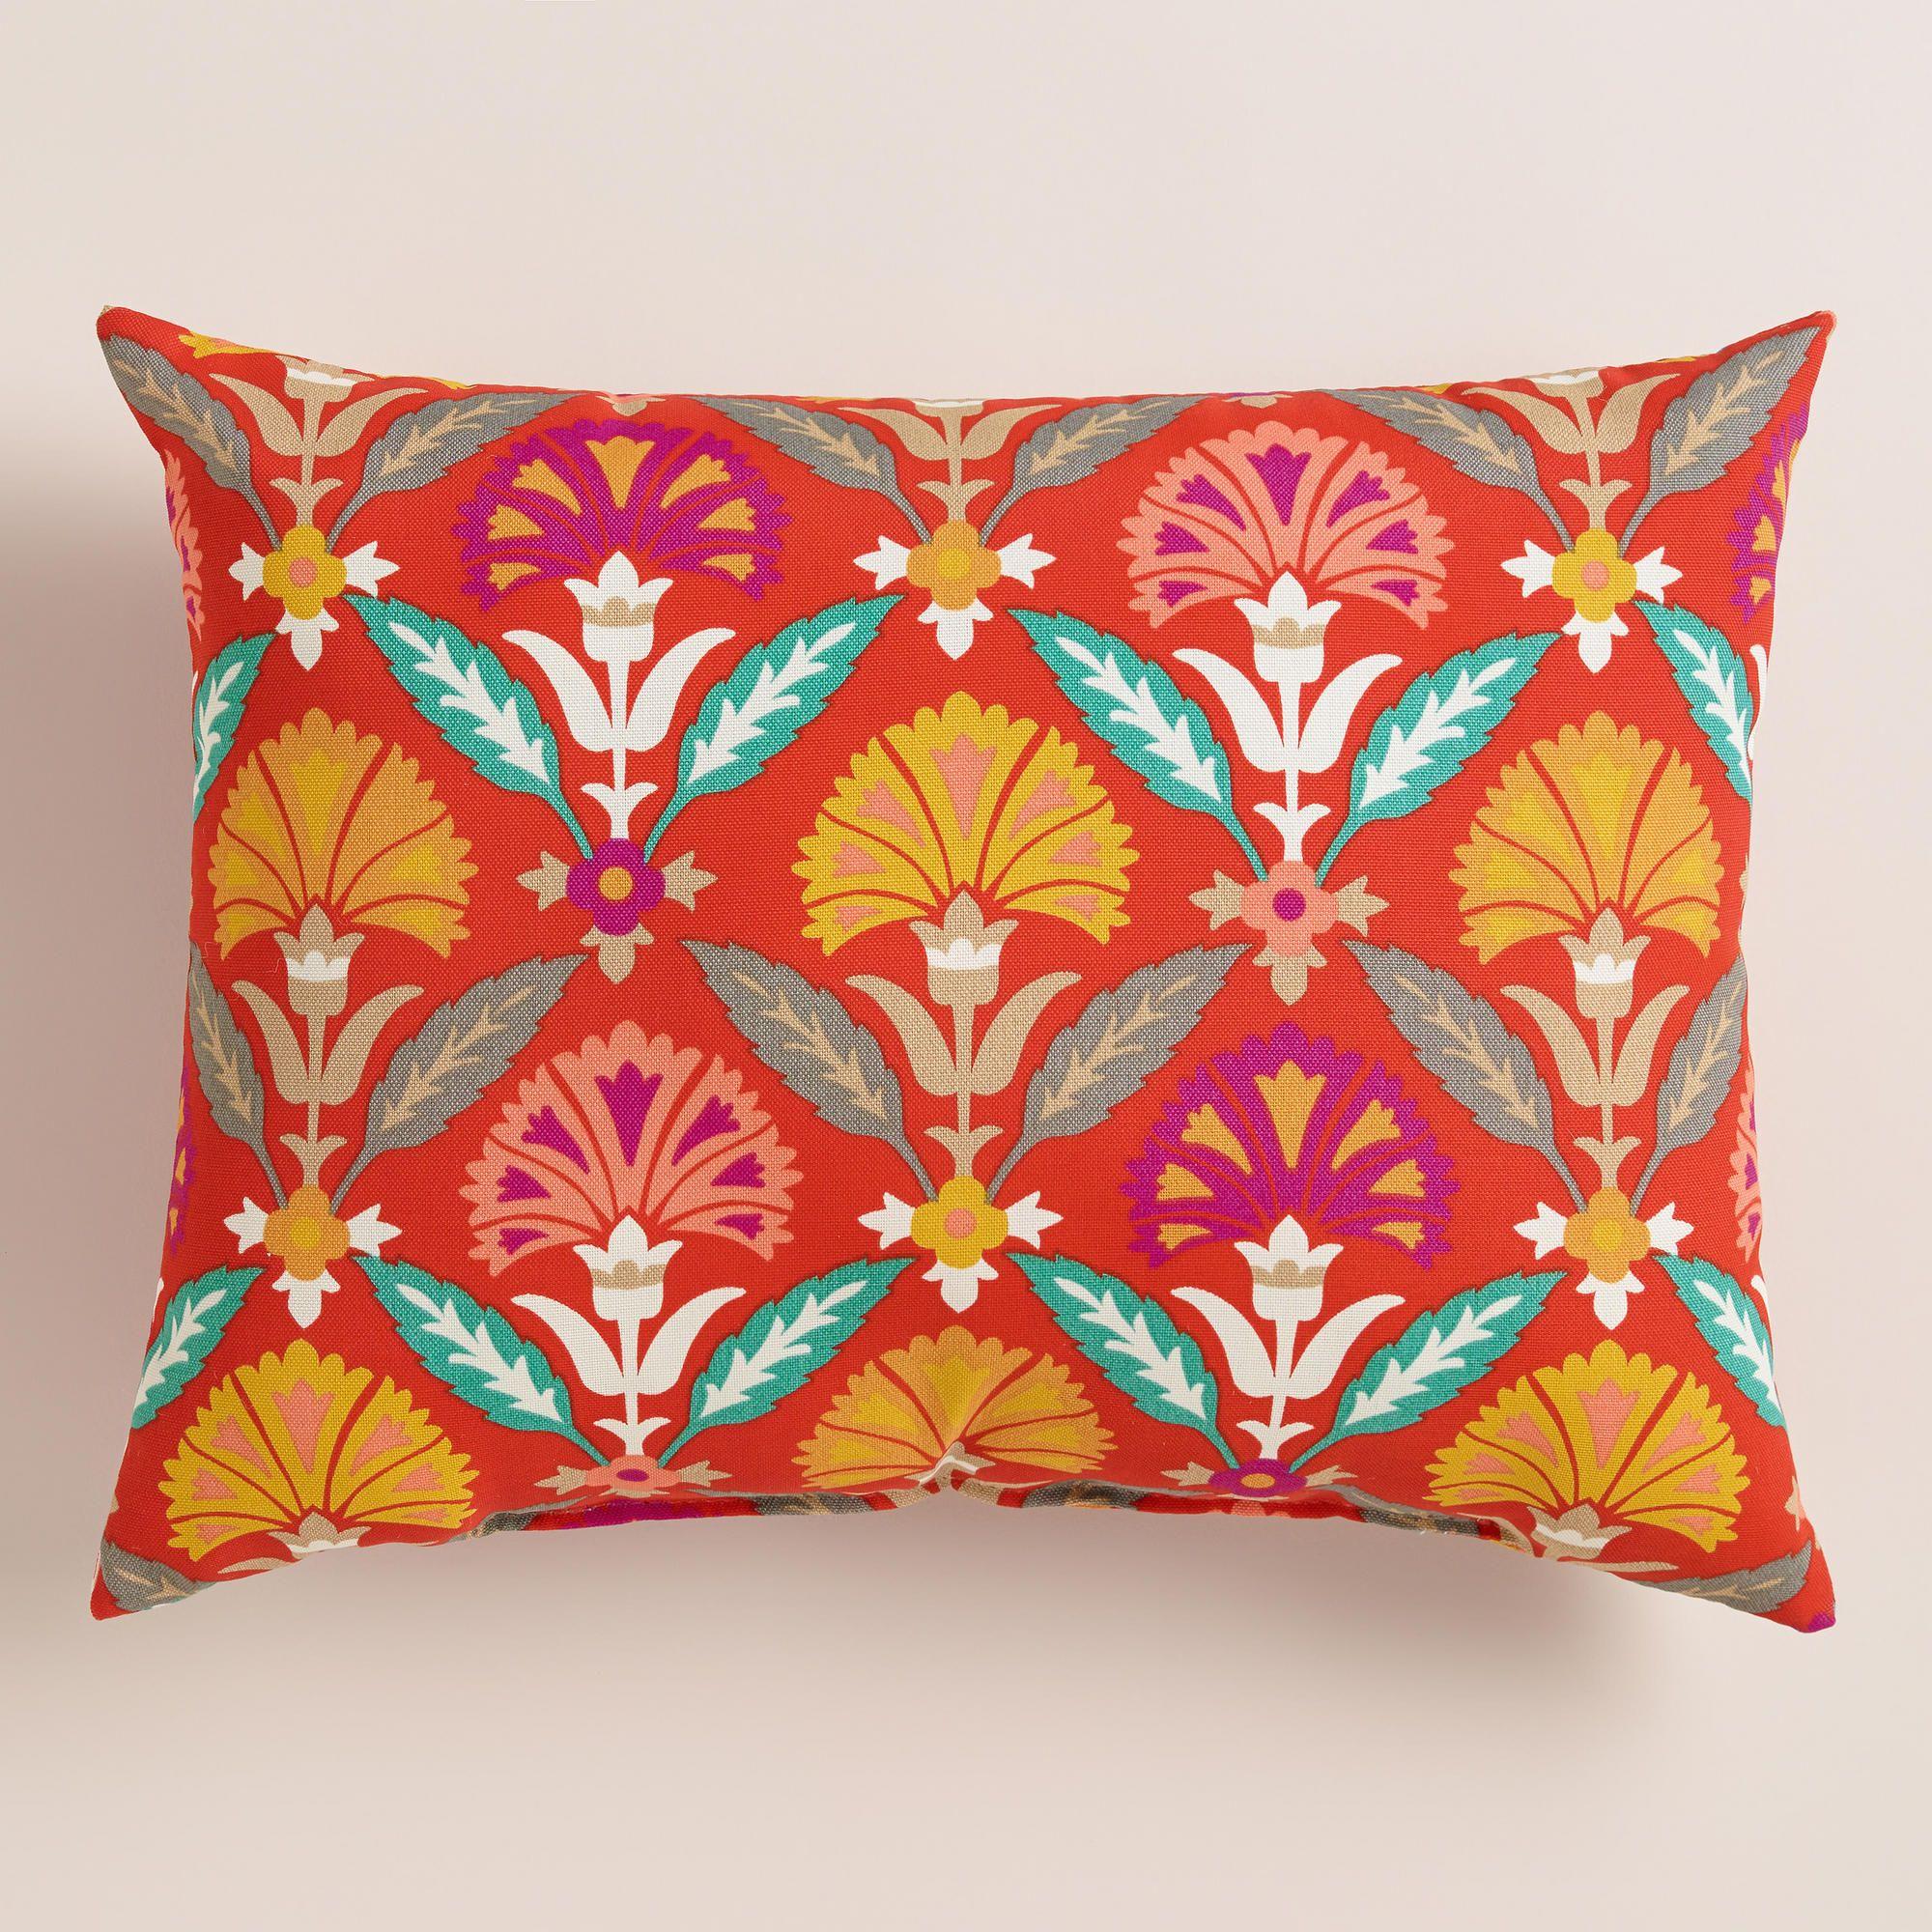 pillow pin bug pillows outdoor world throw purple kody market s lumbar